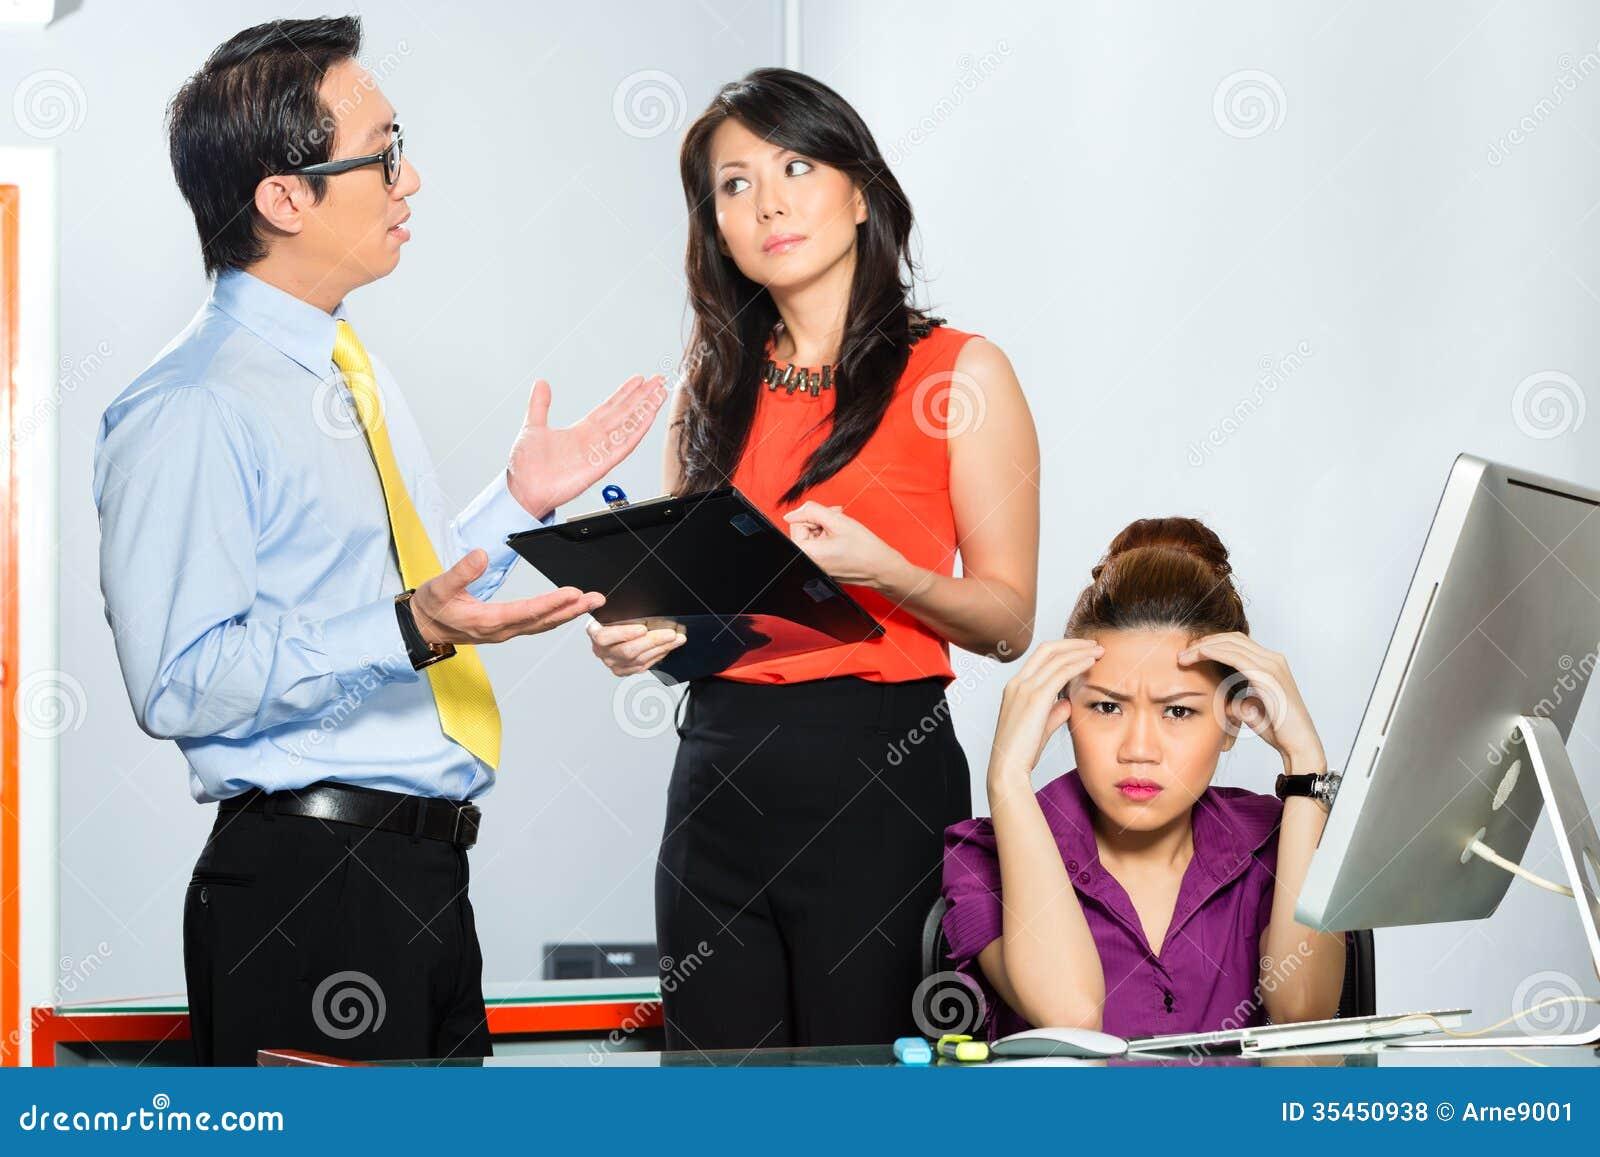 Colleghi asiatici che assalgono o che opprimono impiegato